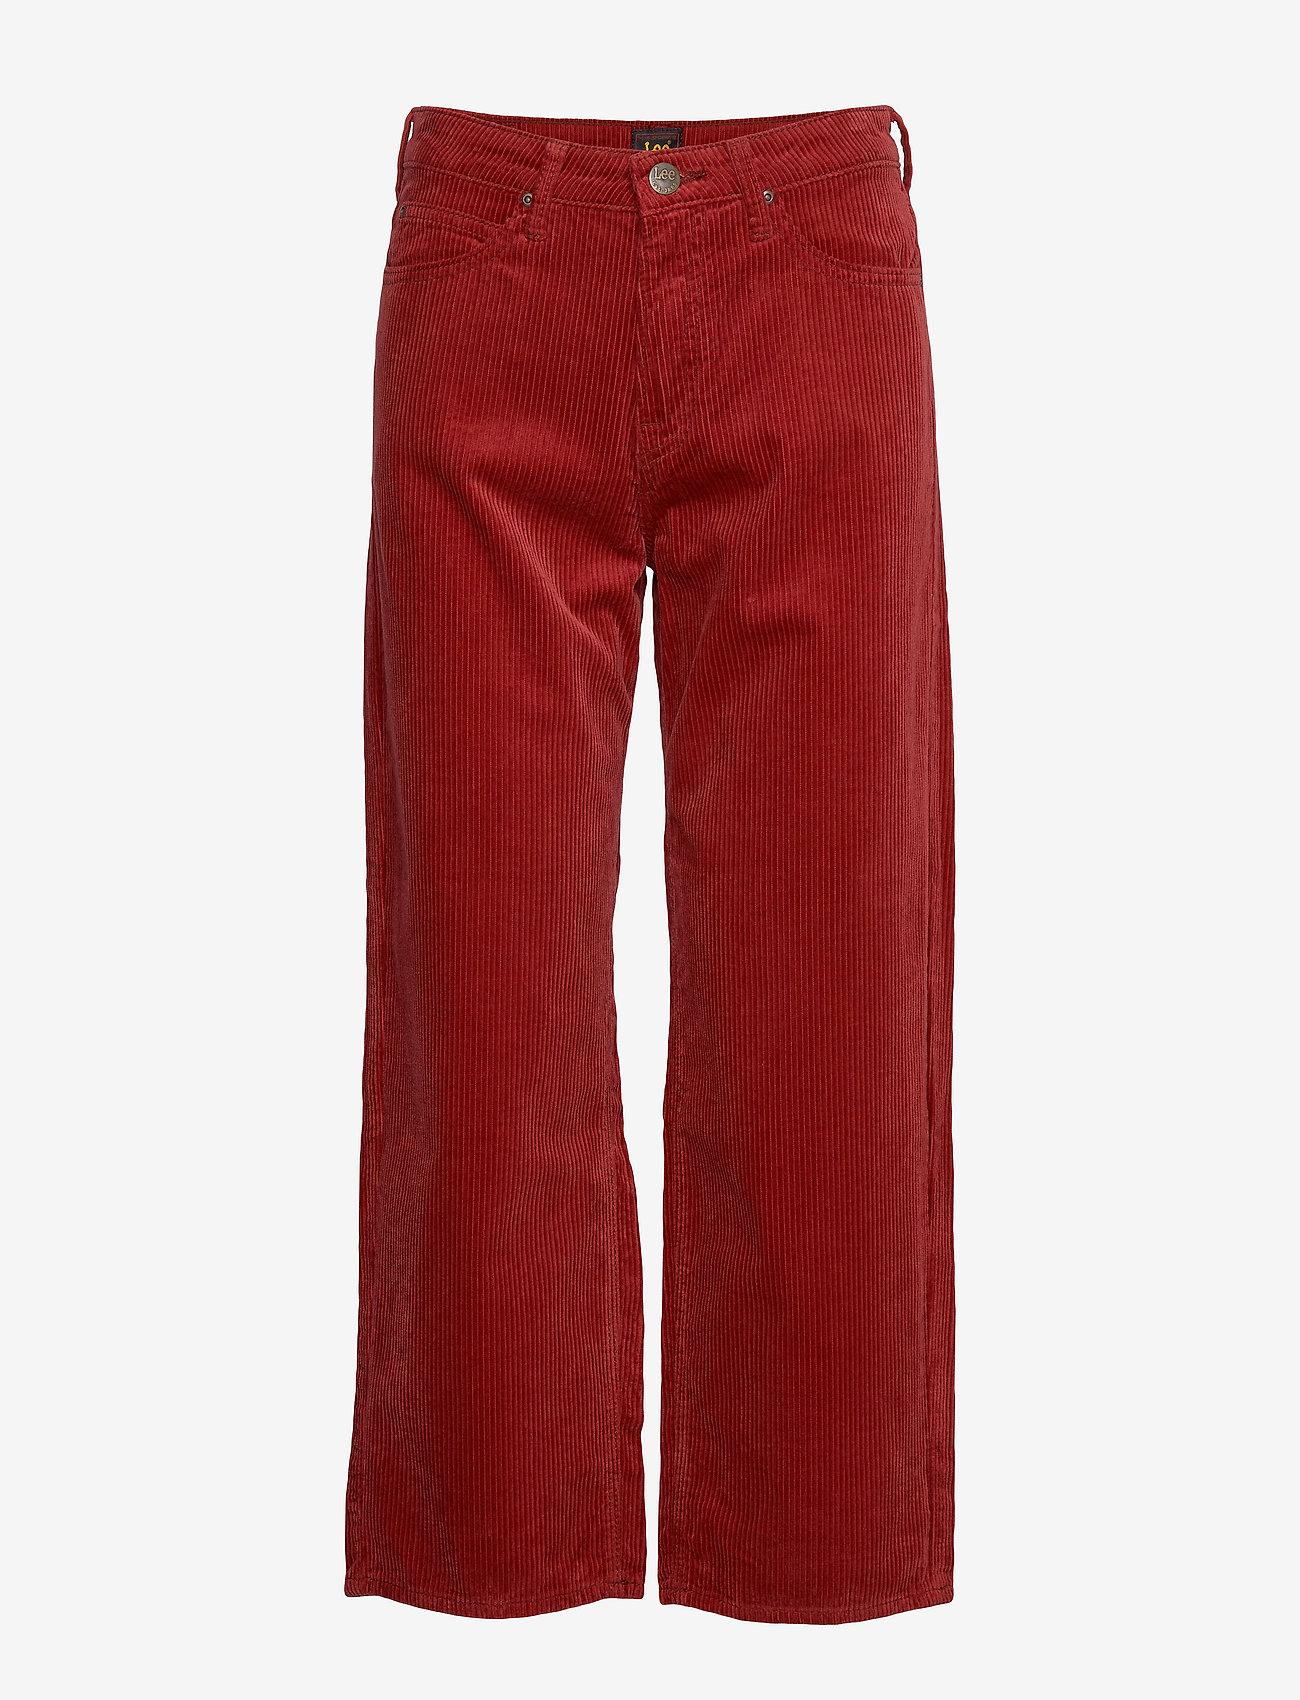 Lee Jeans - 5 POCKET WIDE LEG - vide bukser - biking red - 0